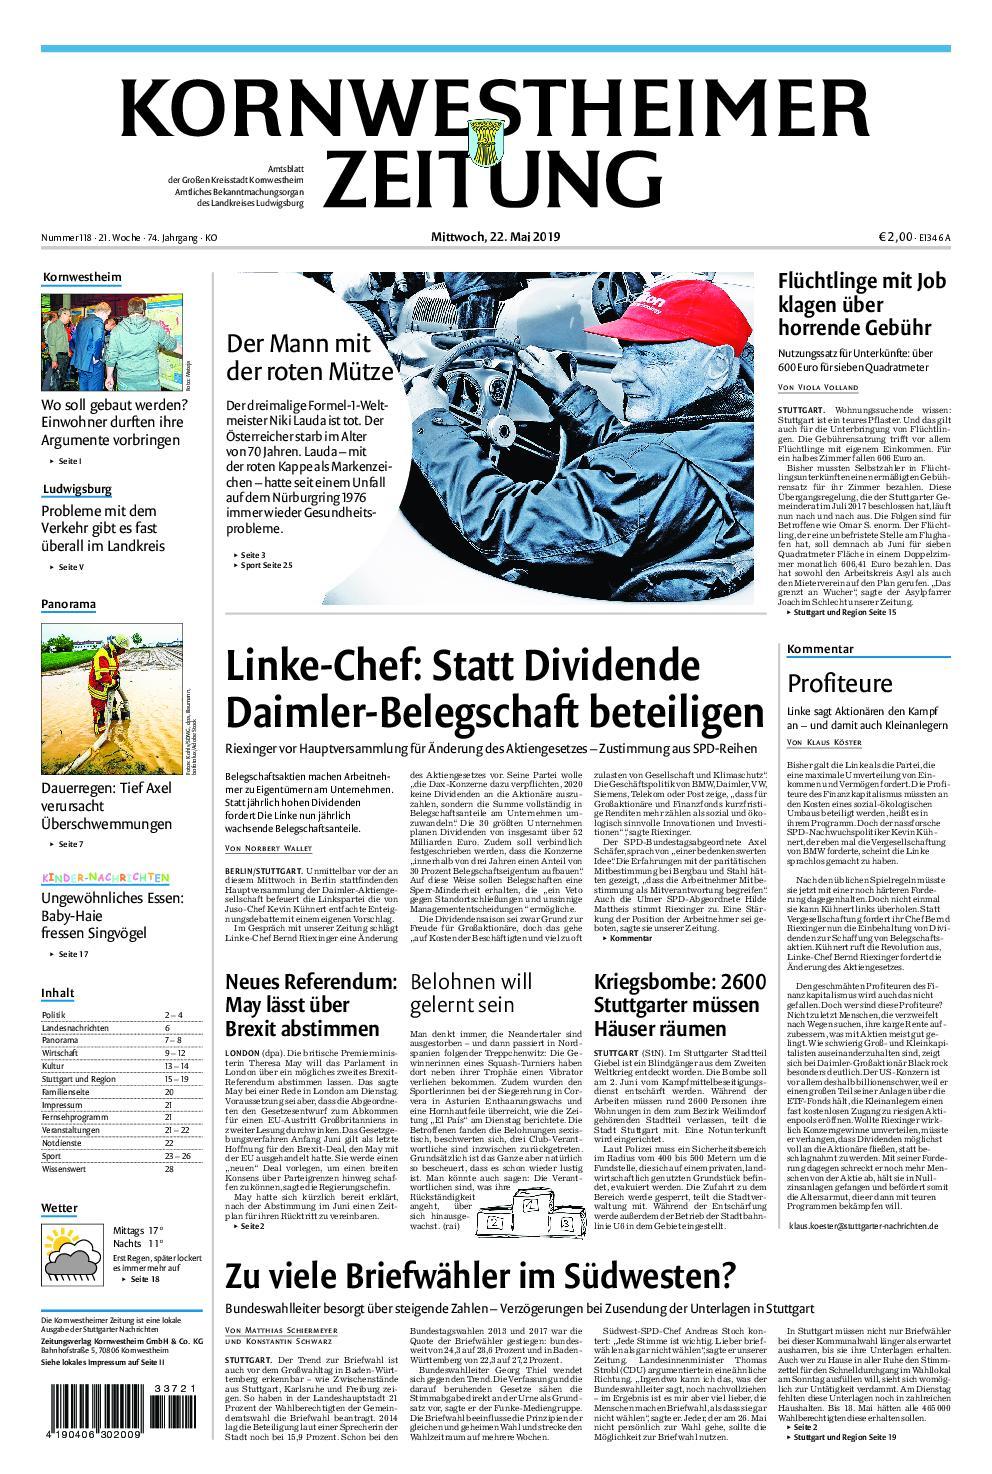 Kornwestheimer Zeitung - 22. Mai 2019